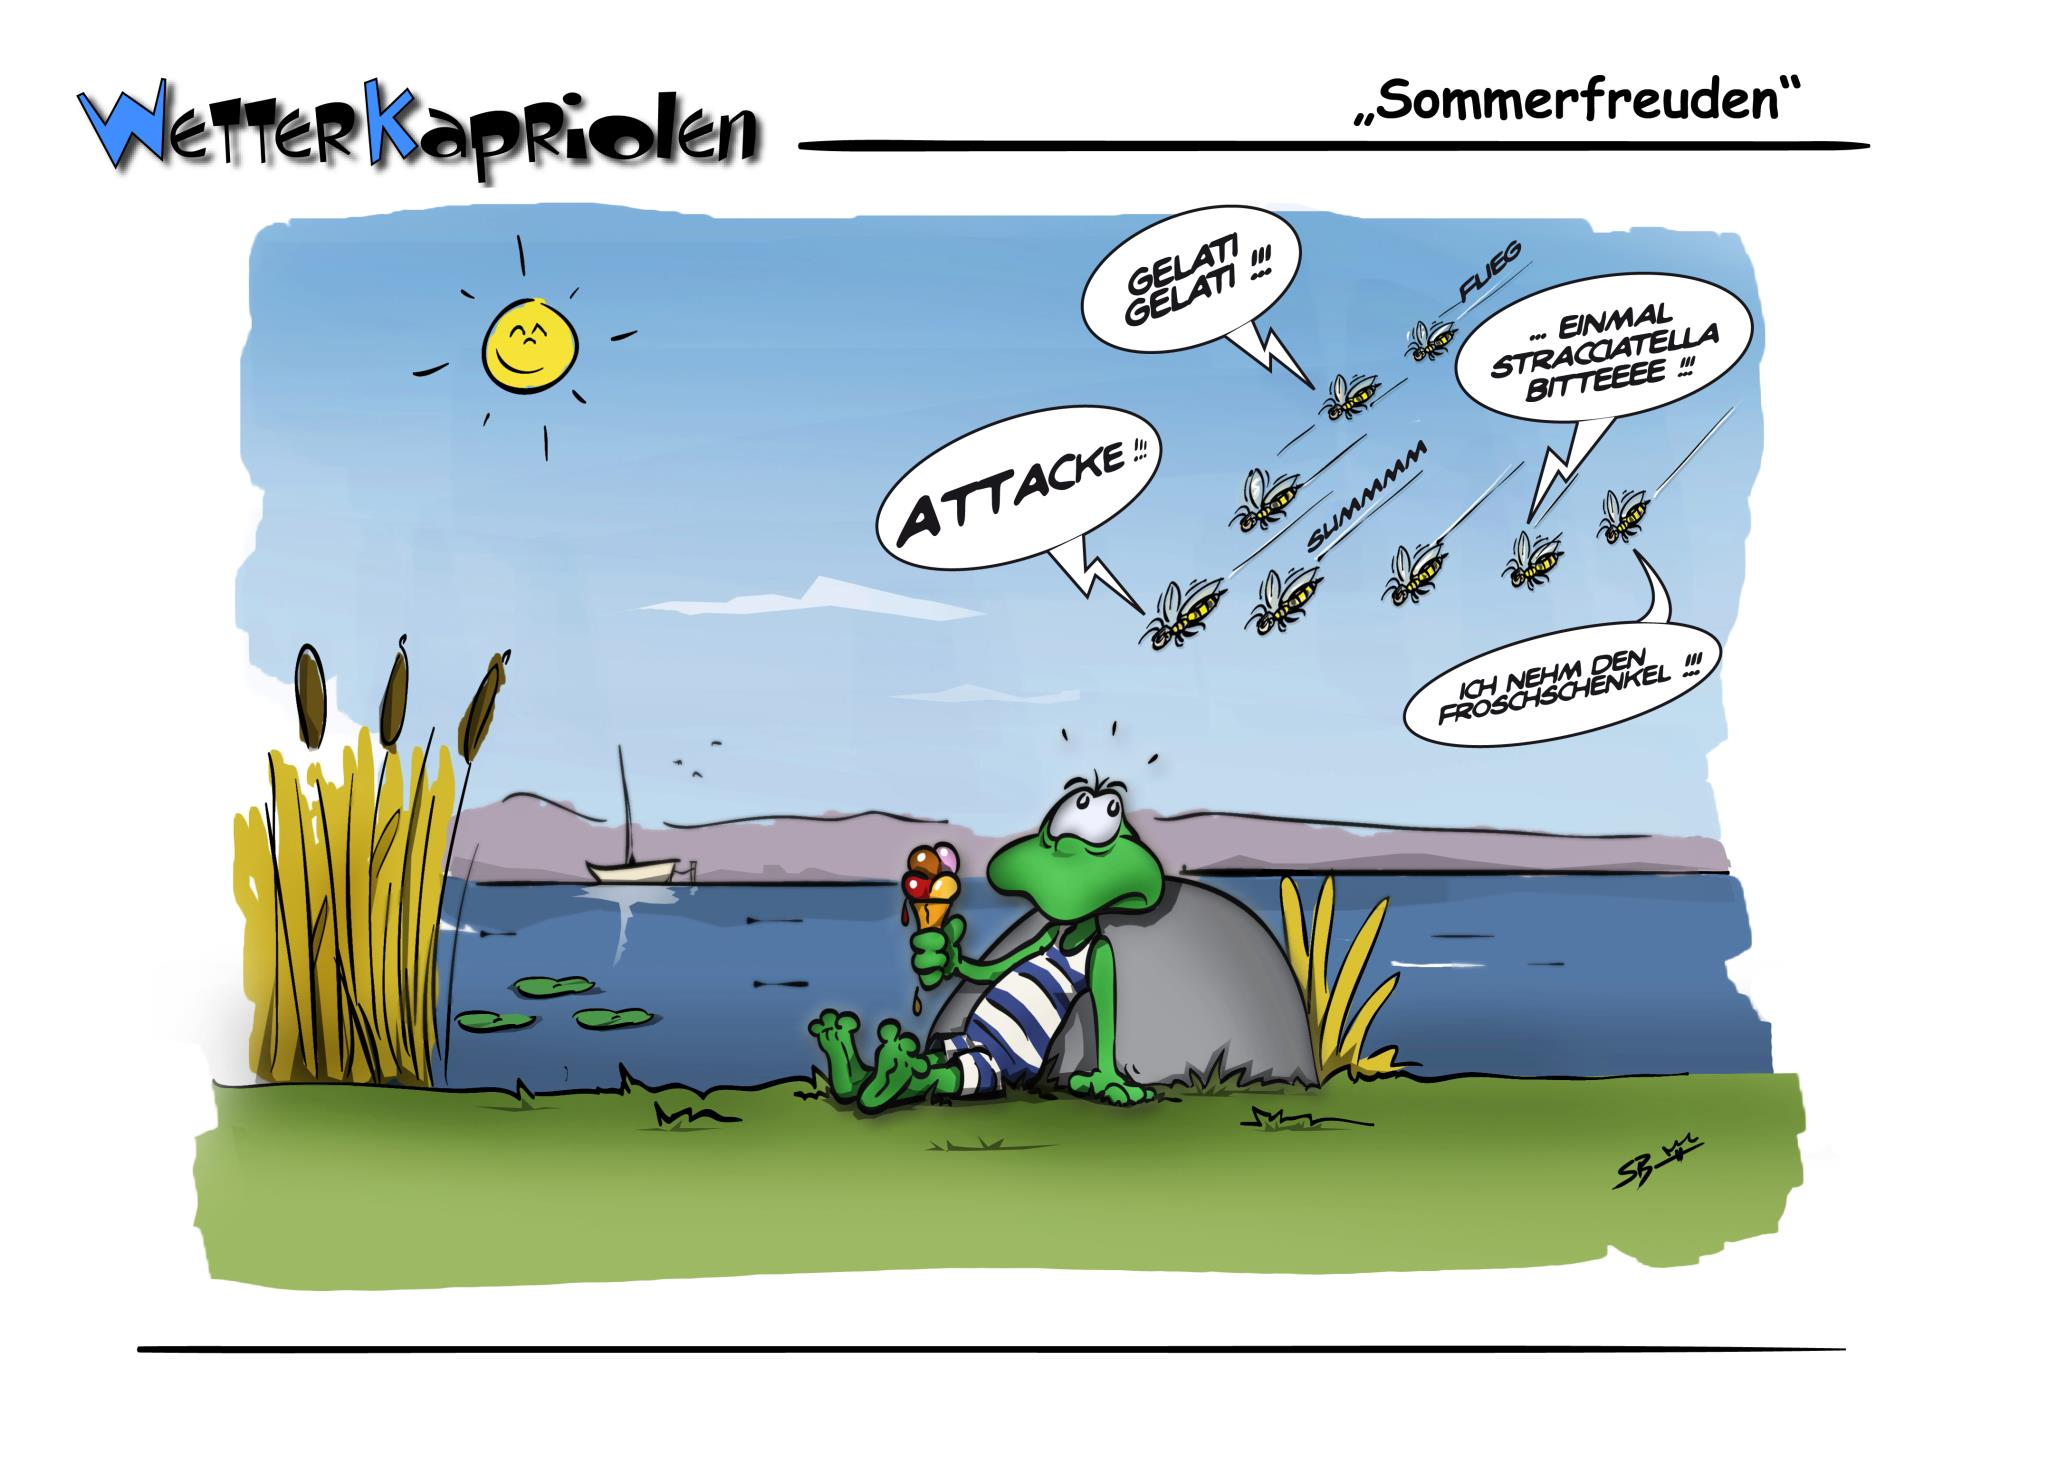 WetterKapriolen - Sommerfreuden